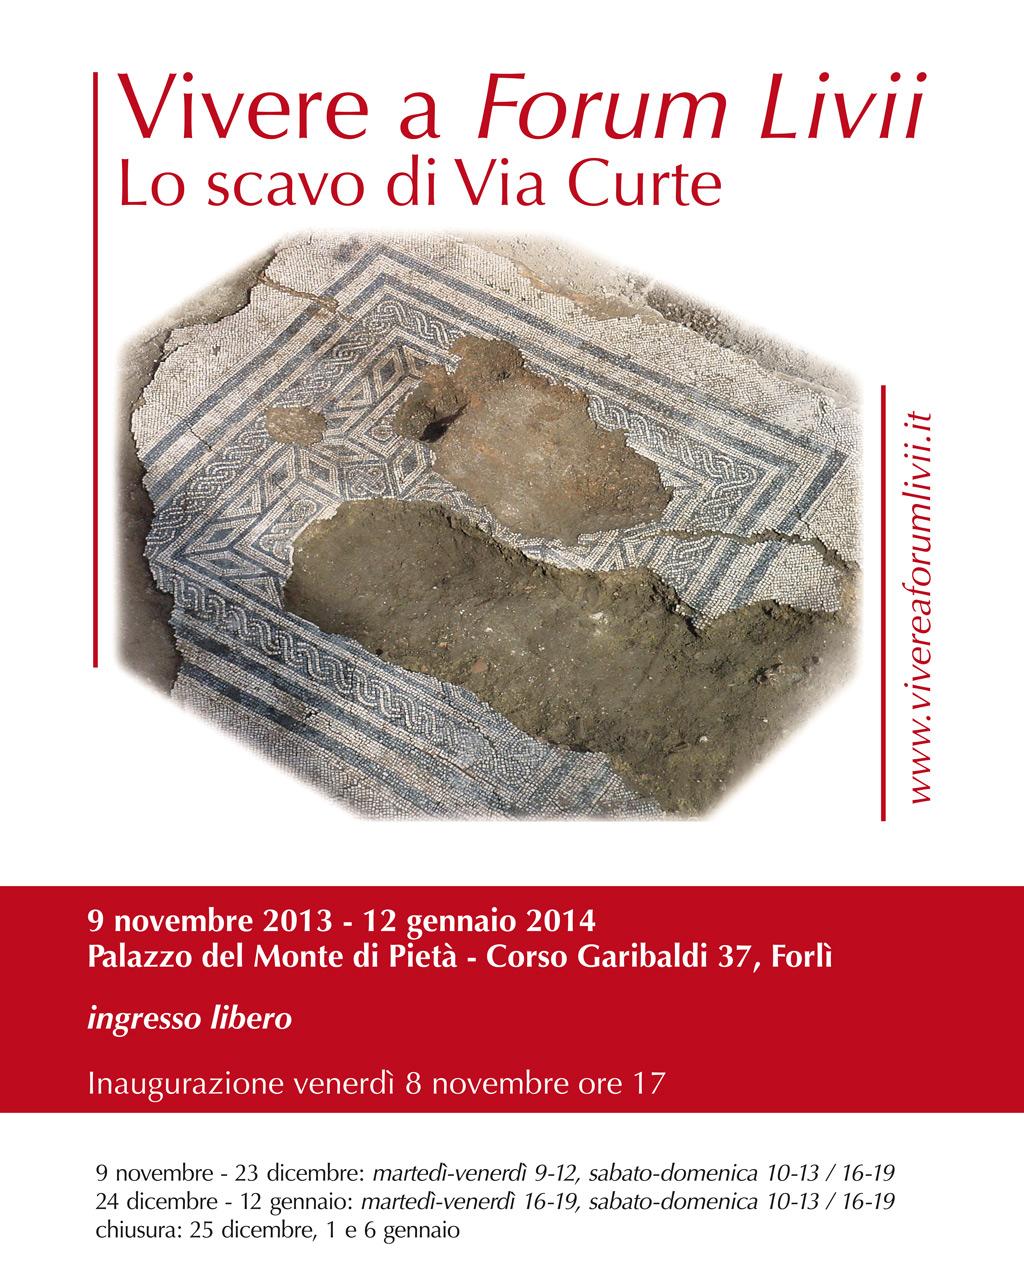 Vivere a Forum Livii